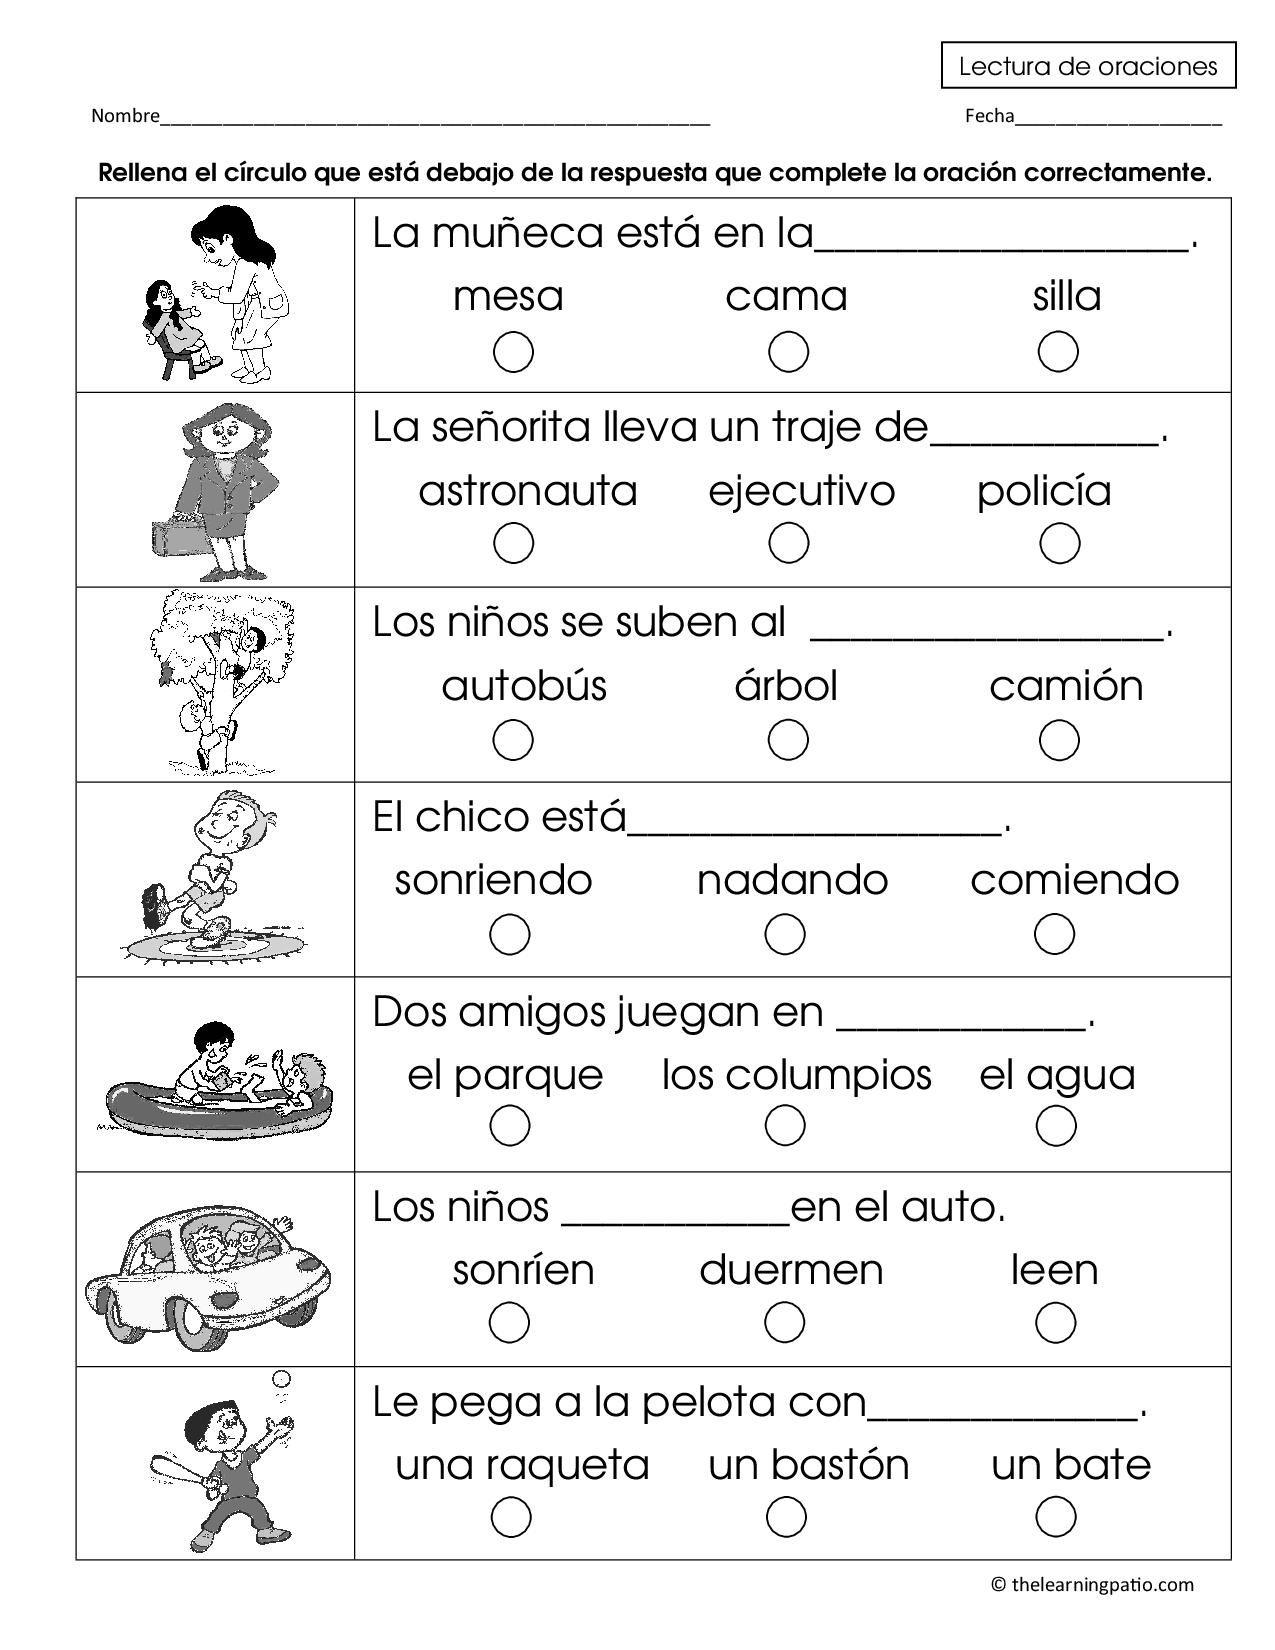 completar frases | Colegio | Pinterest | Spanisch, Arbeitsblätter ...